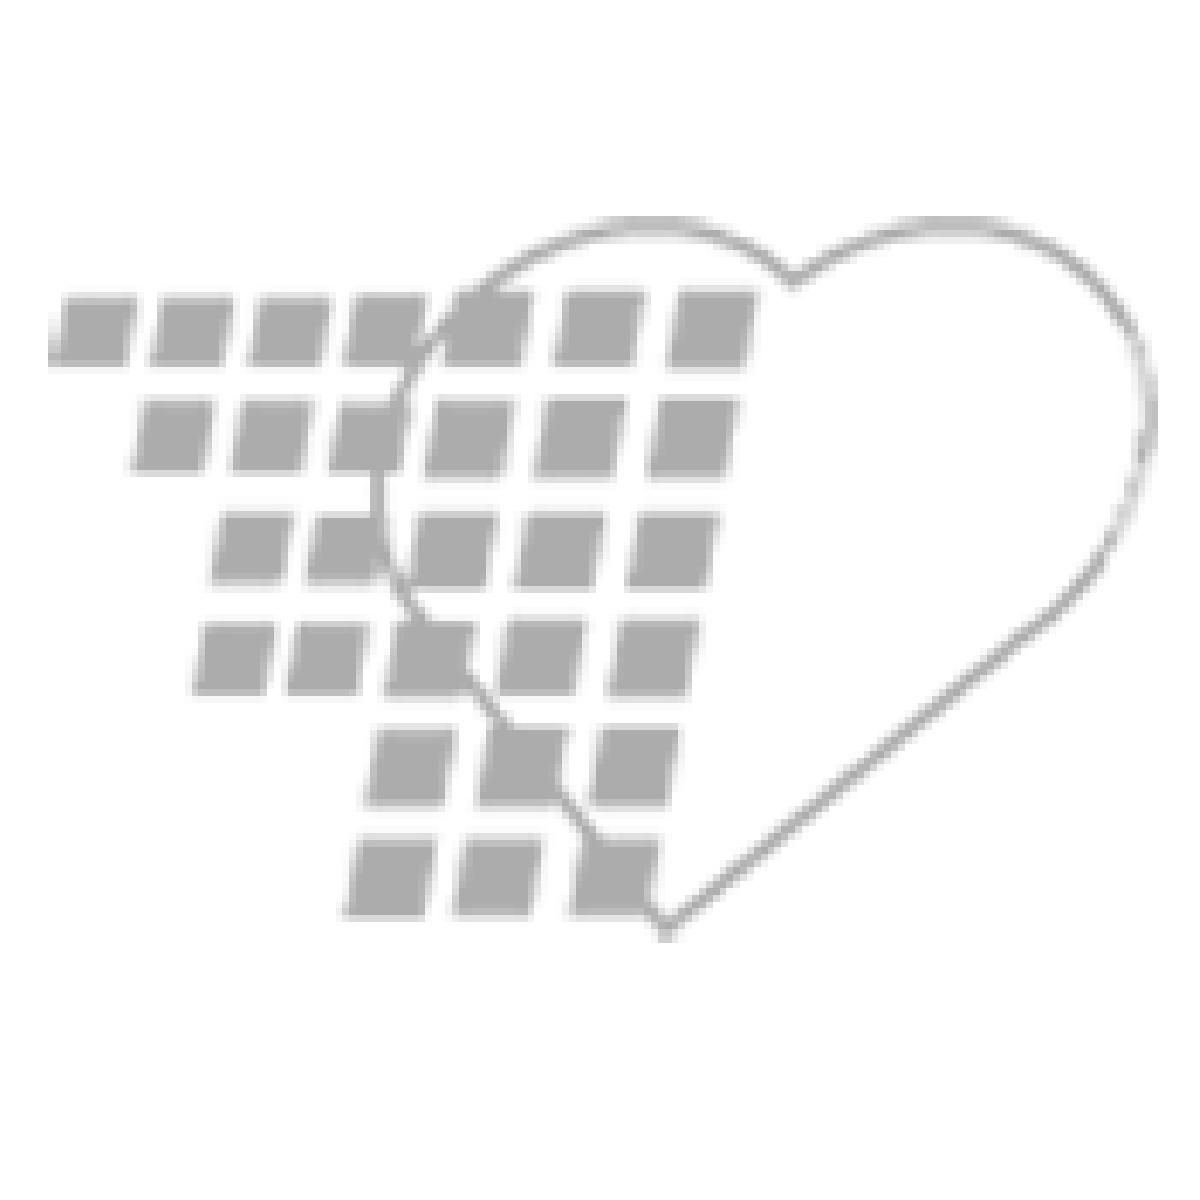 02-80-697 Scope ID Tags - Black